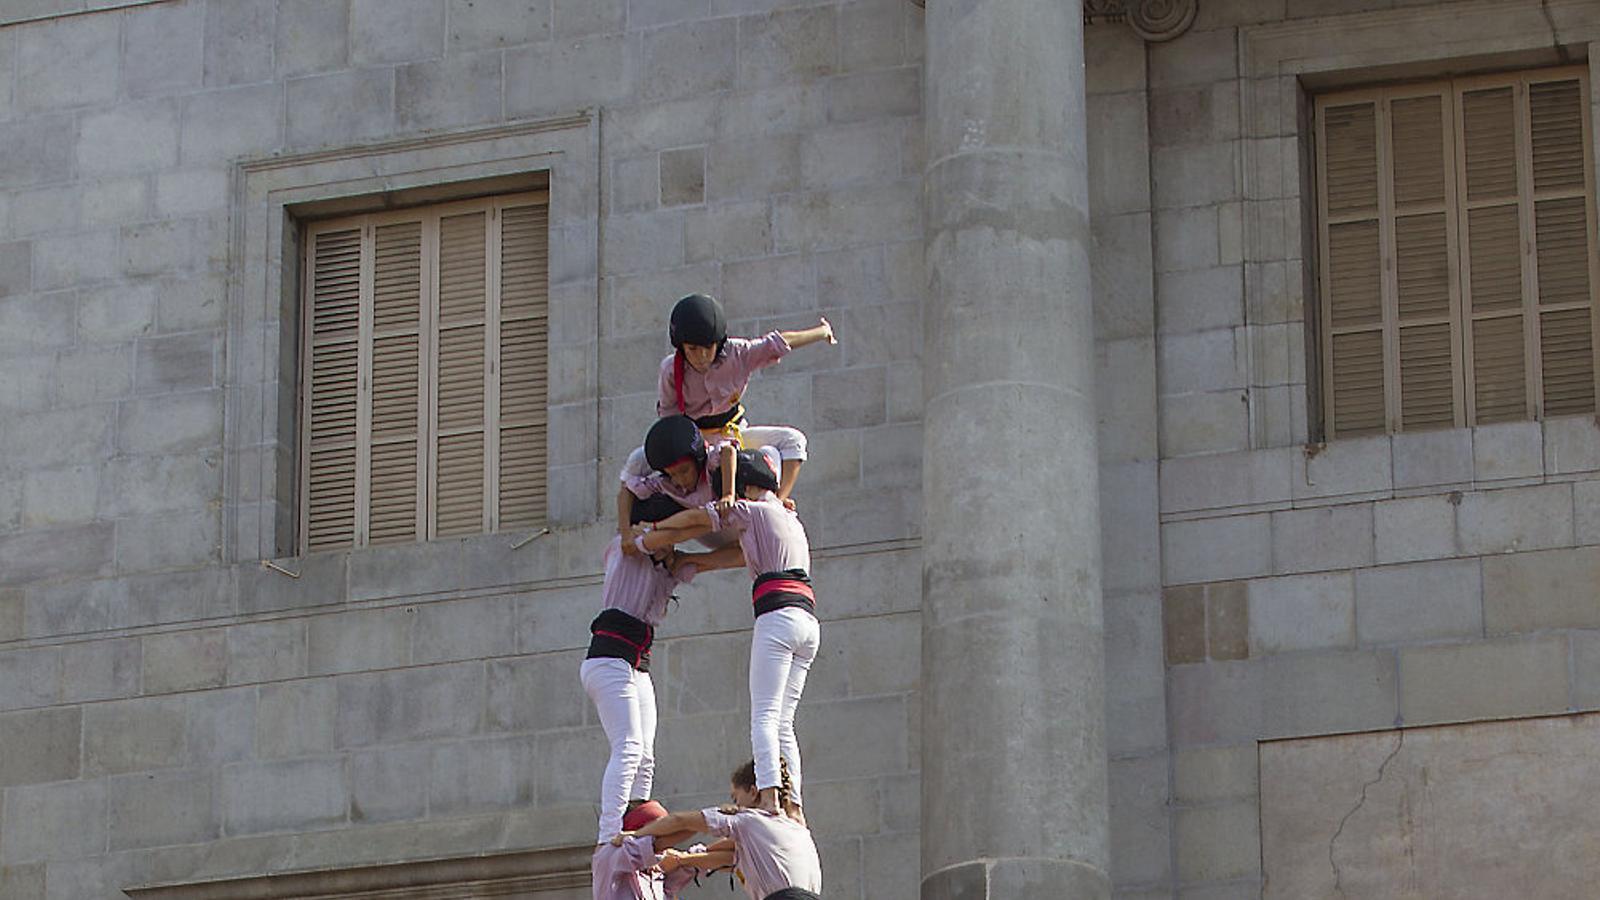 El dos de nou amb folre i manilles que van completar els Minyons de Terrassa a la diada històrica de la Mercè, a Barcelona.